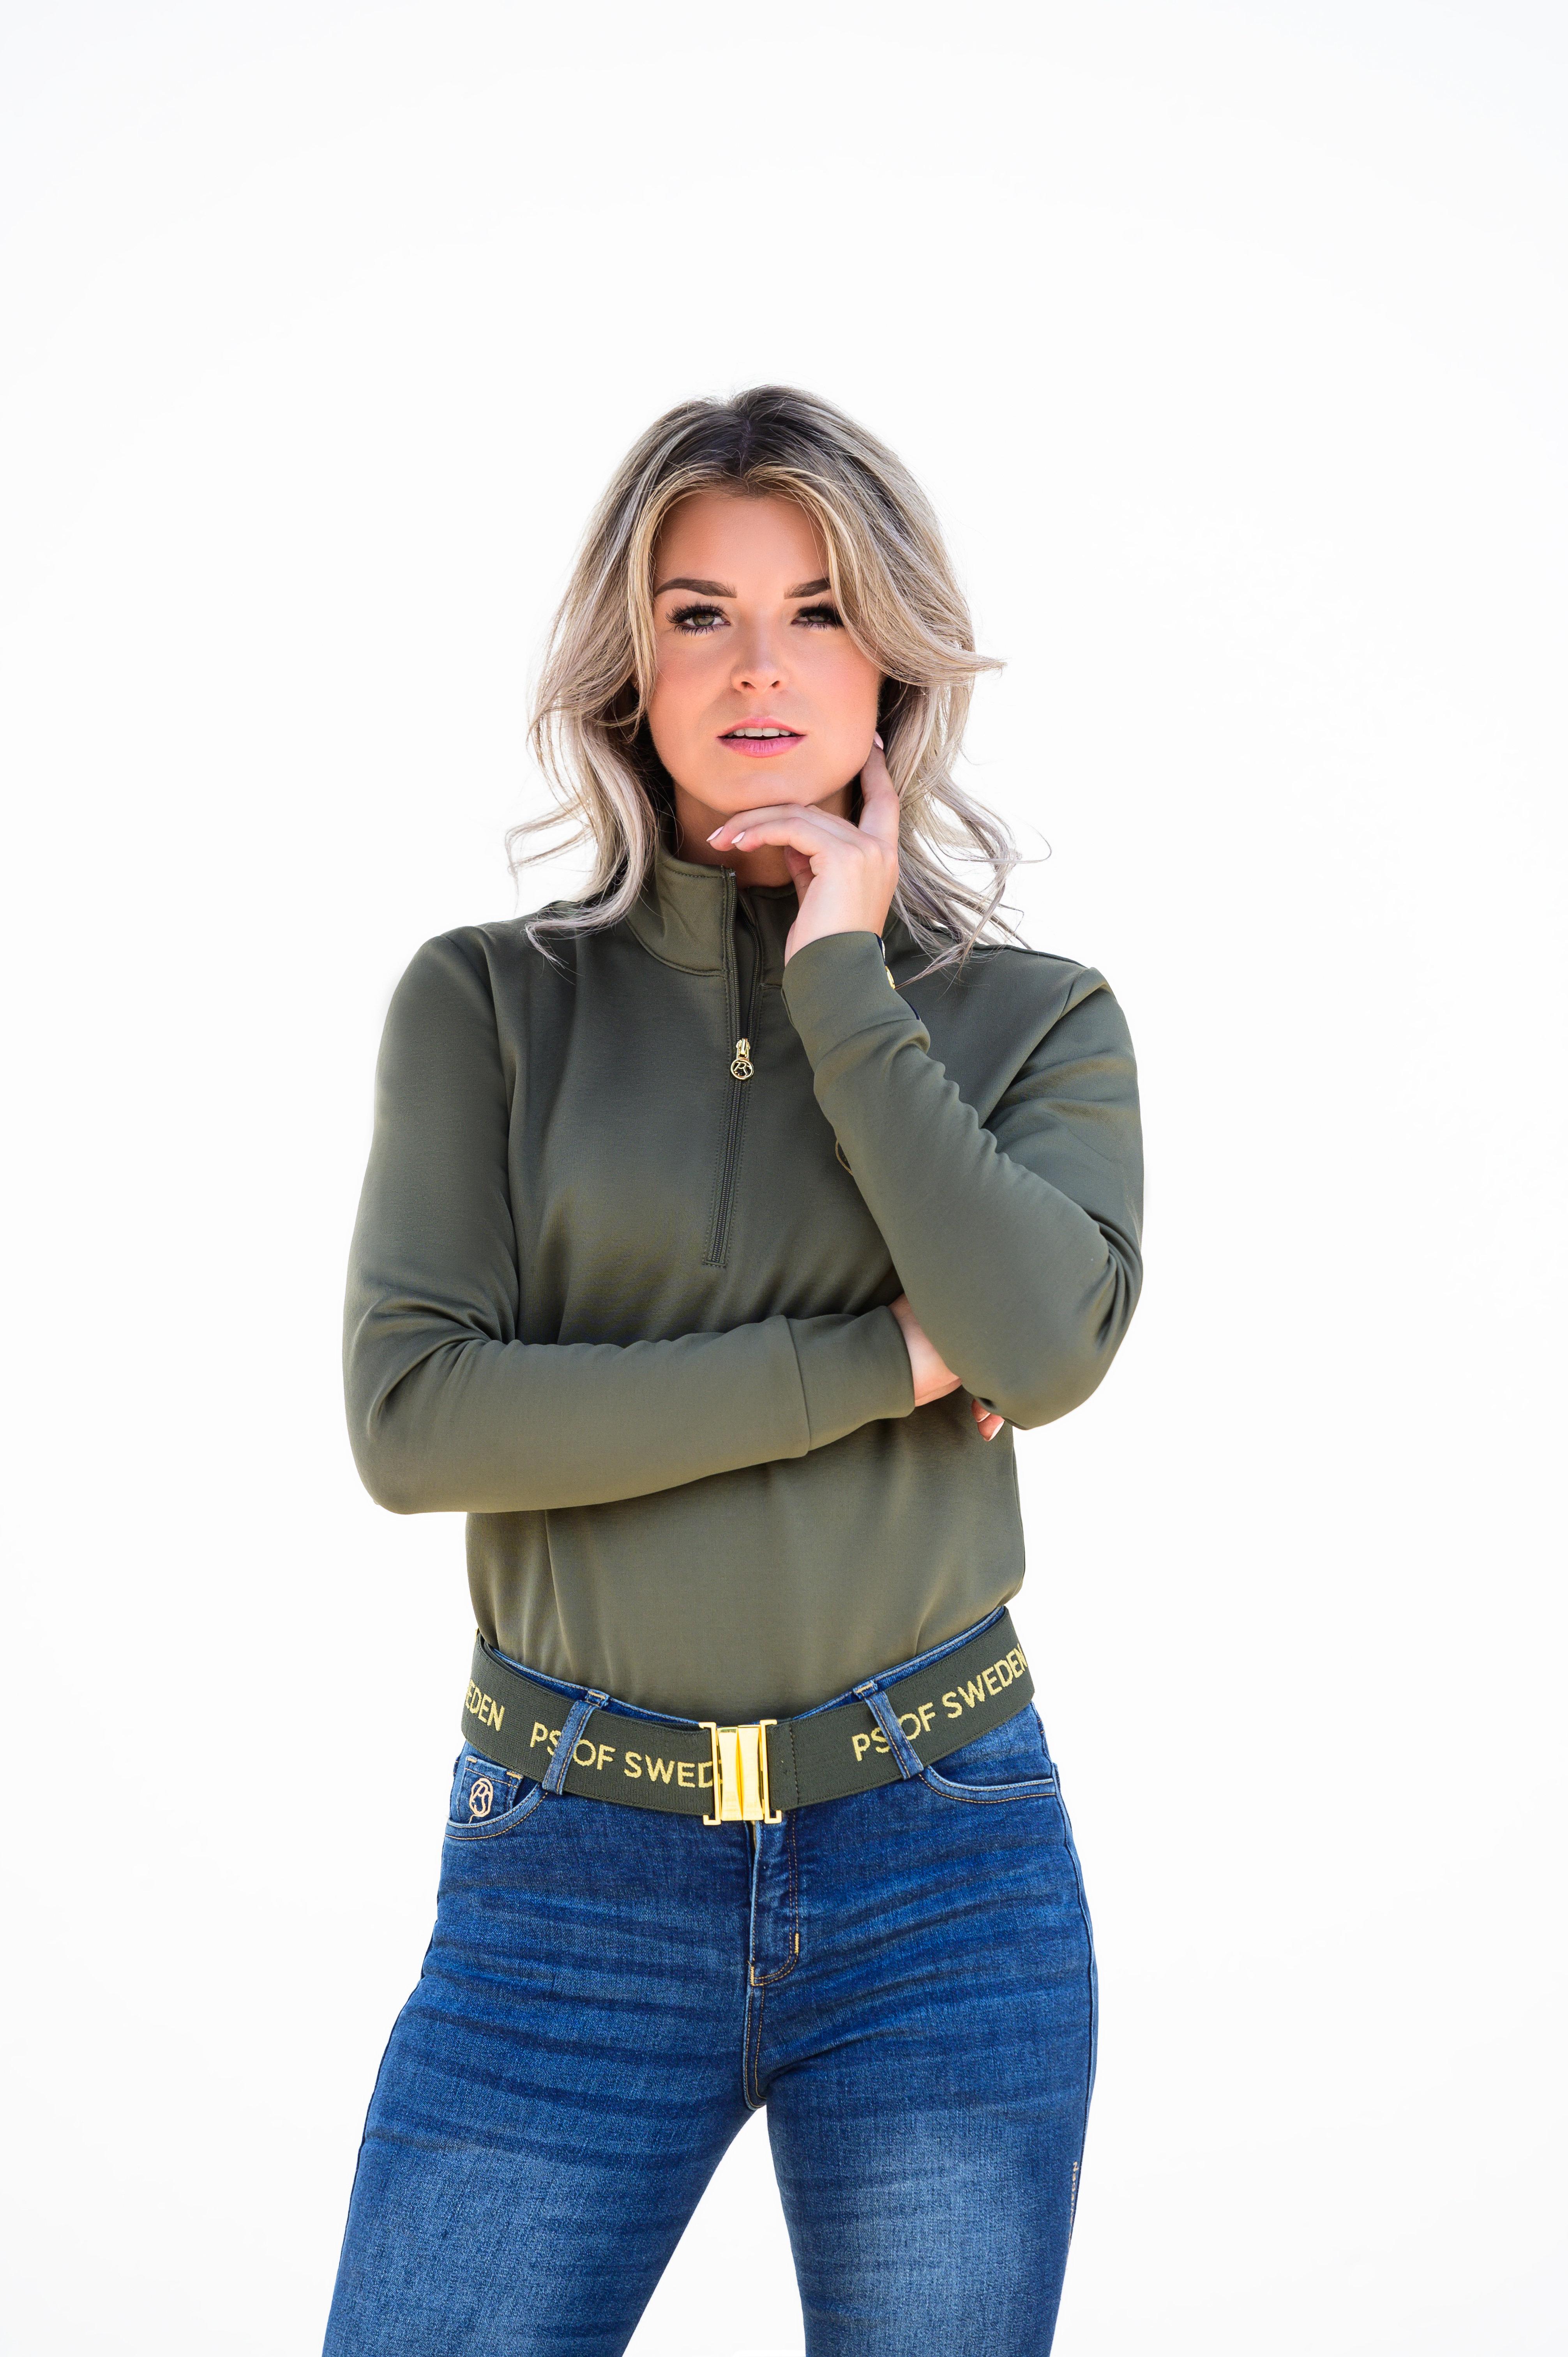 Ps of Sweden shirt Bianca Moss